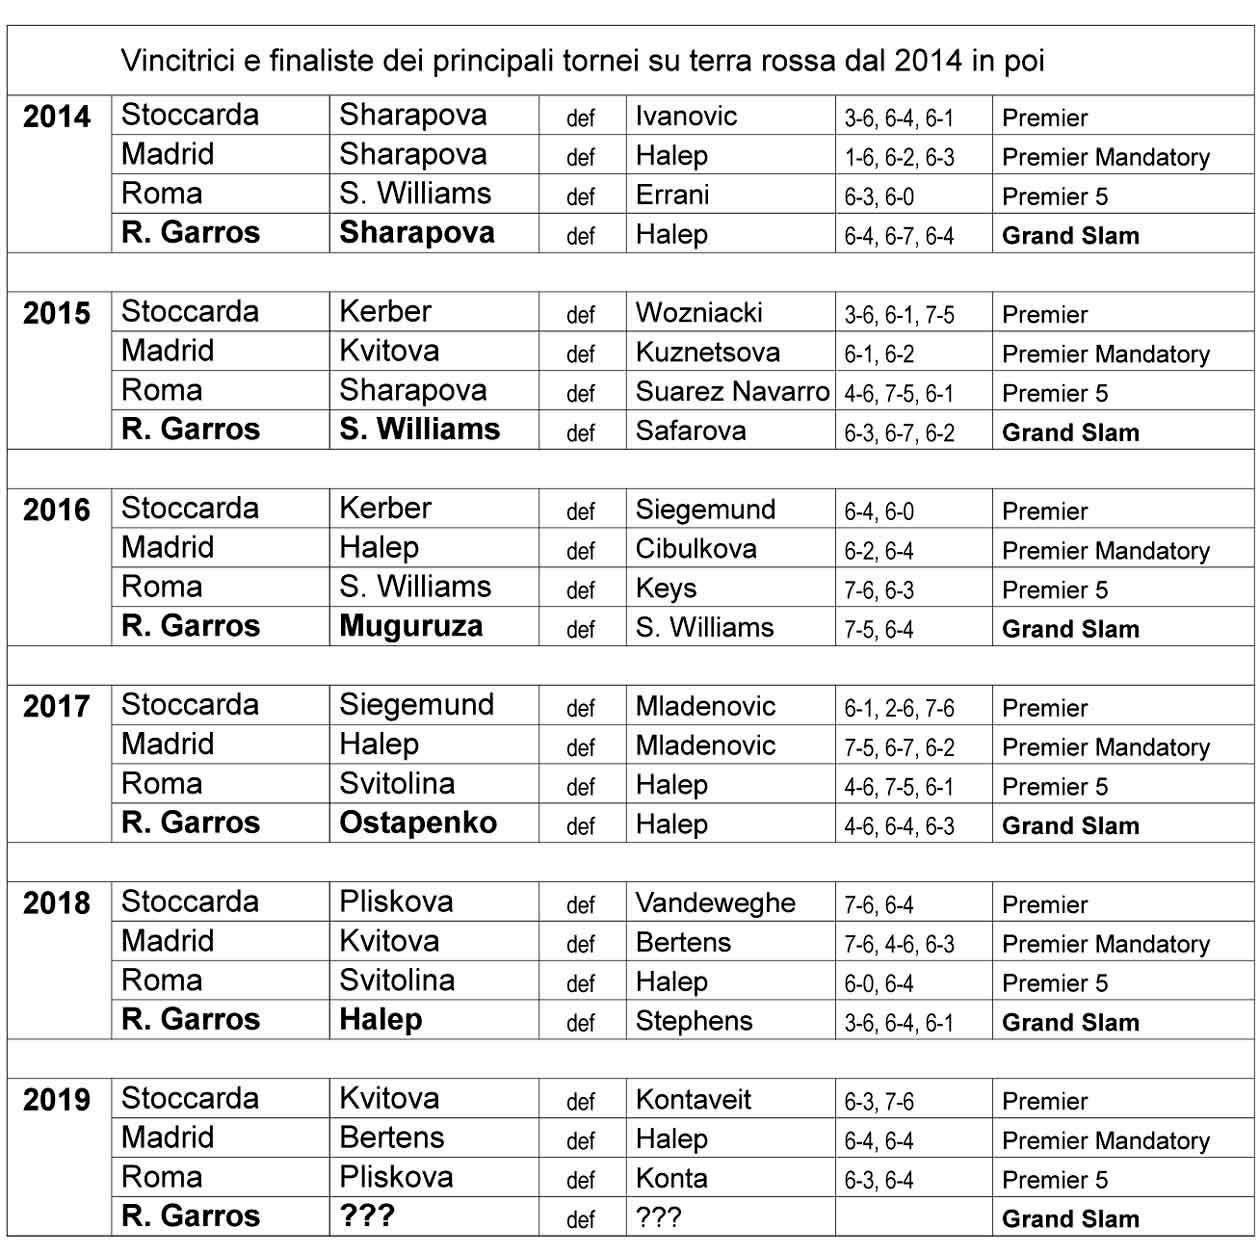 Principali tornei sul rosso dal 2014